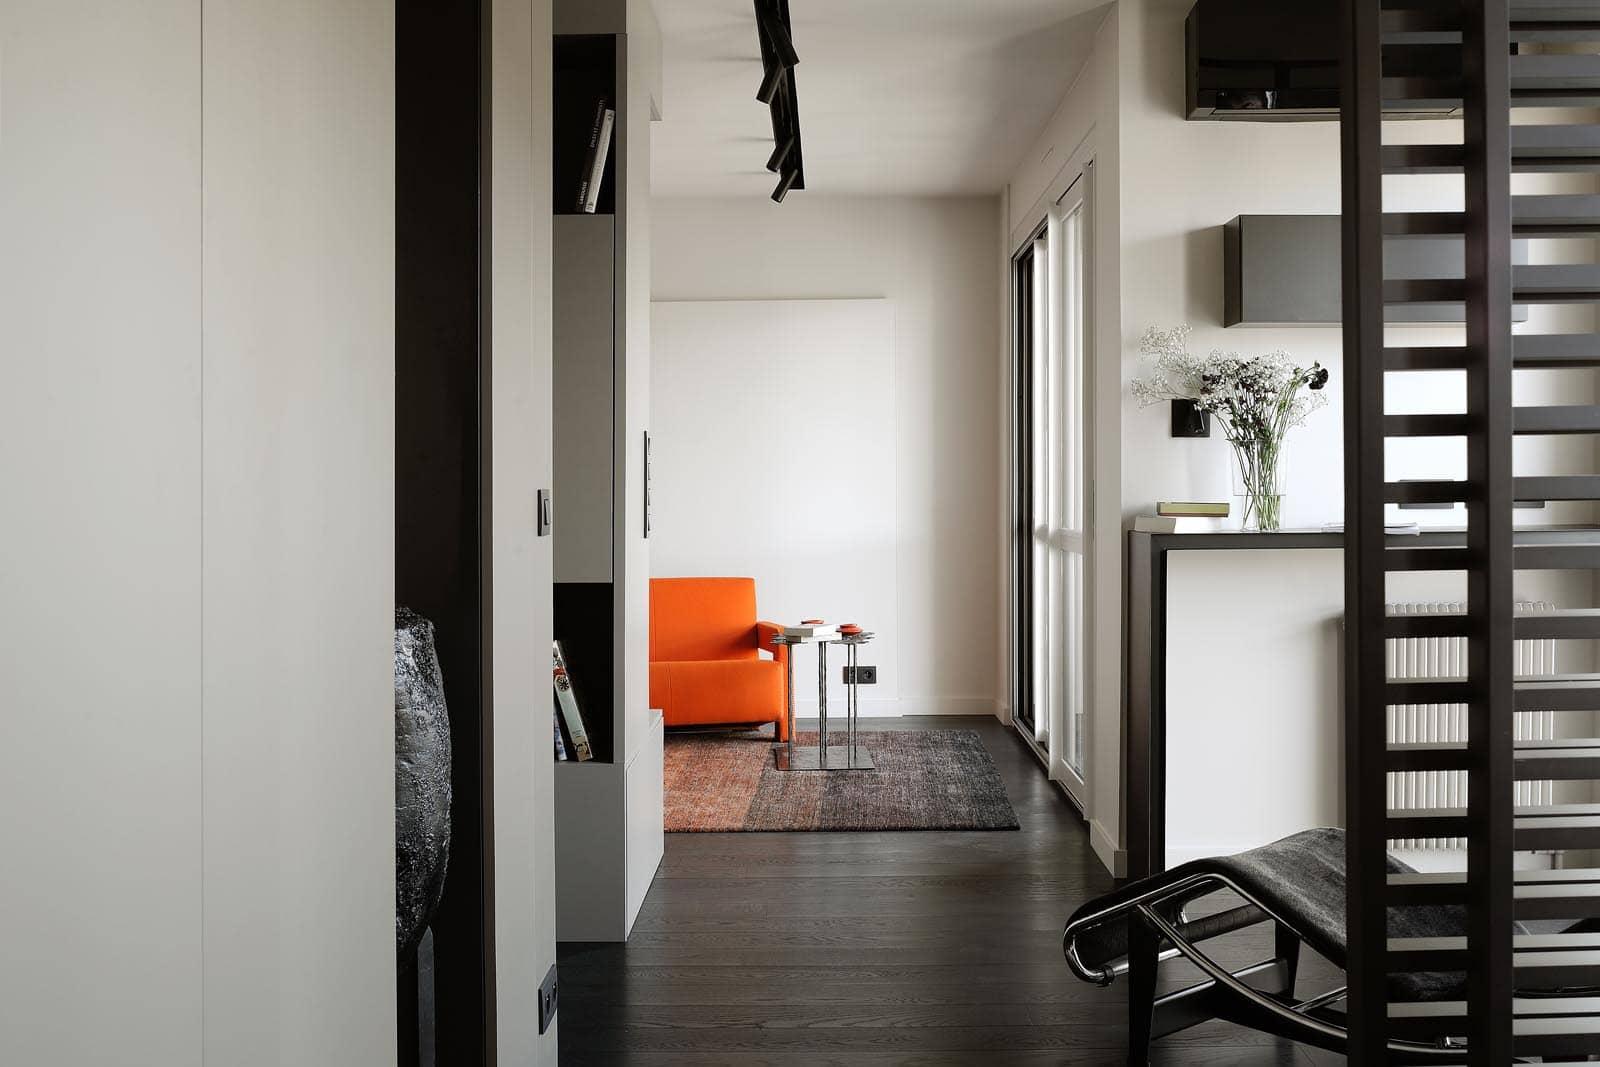 St-Antoine_Architecture-Interieur_VADOT_03